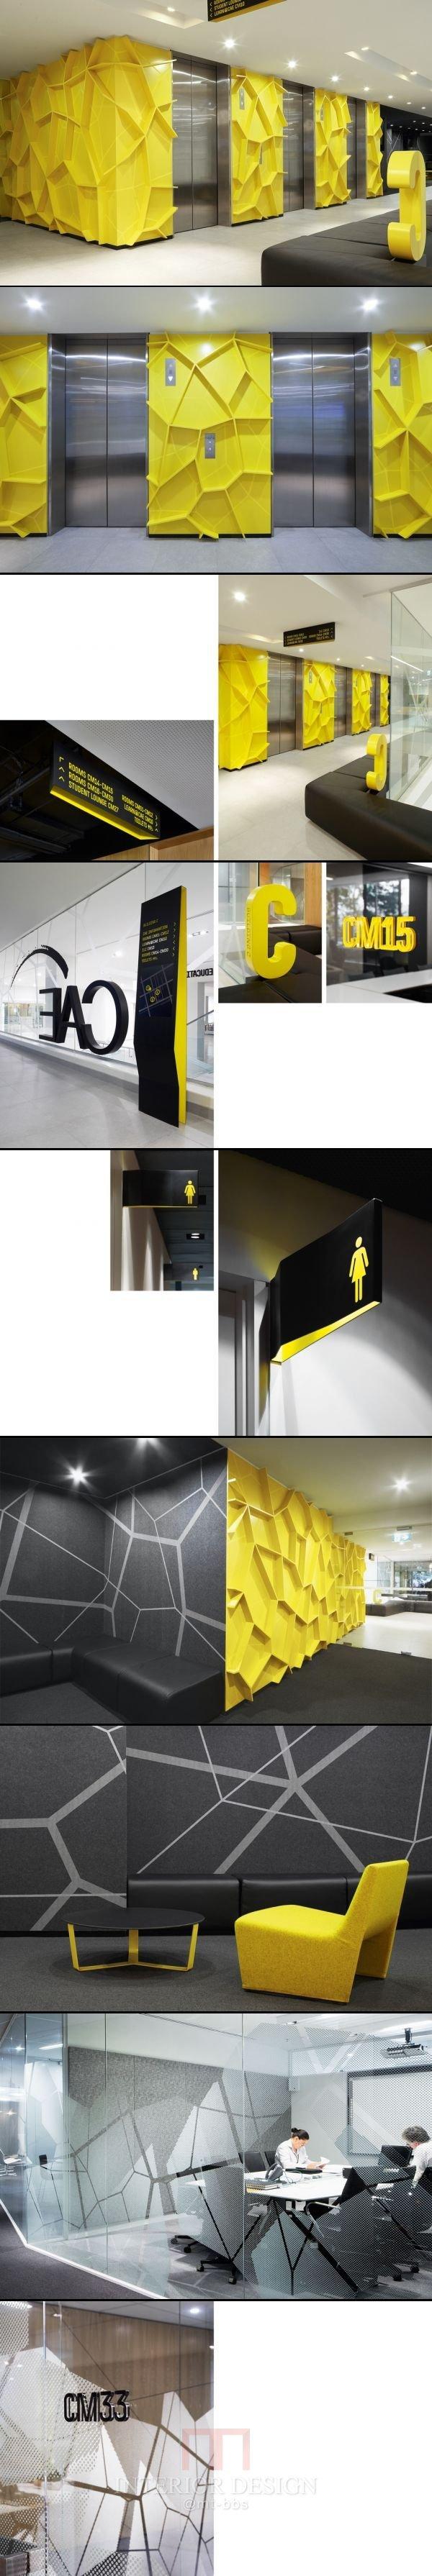 创意电梯厅、过道、轿厢概念收集整理_4569601e4ab0d81c3d97718f6167e600.jpg